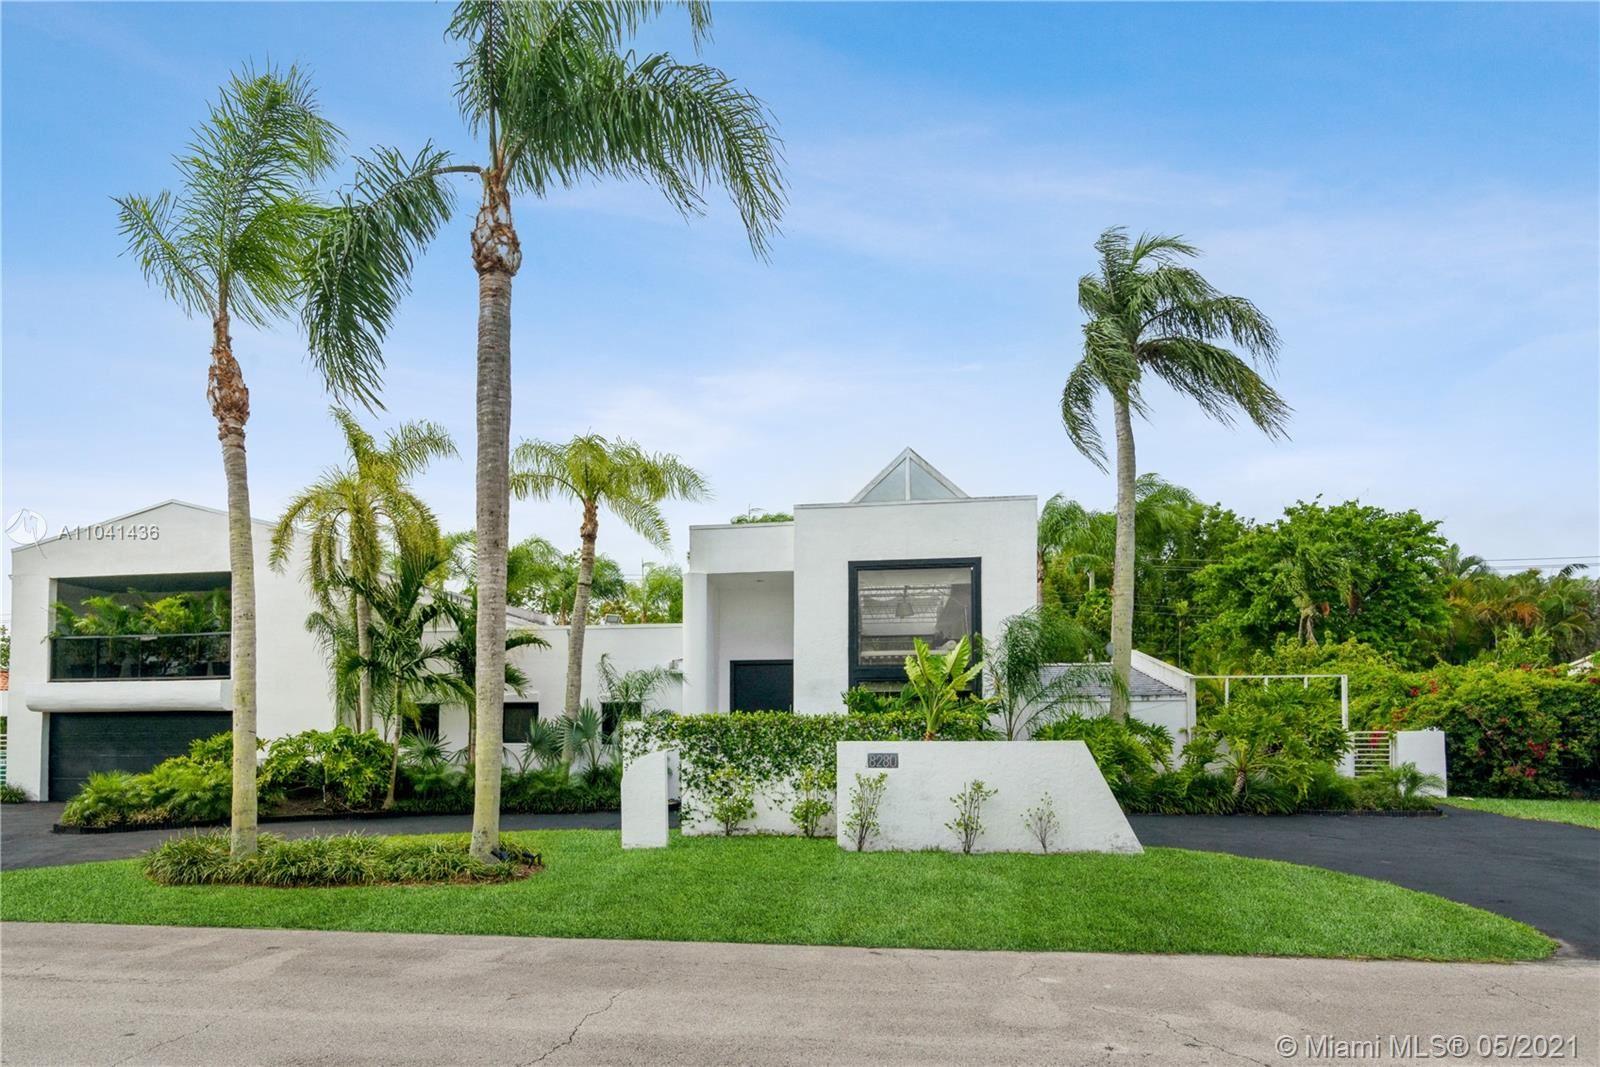 8280 SW 102nd St, Miami, FL 33156 - #: A11041436